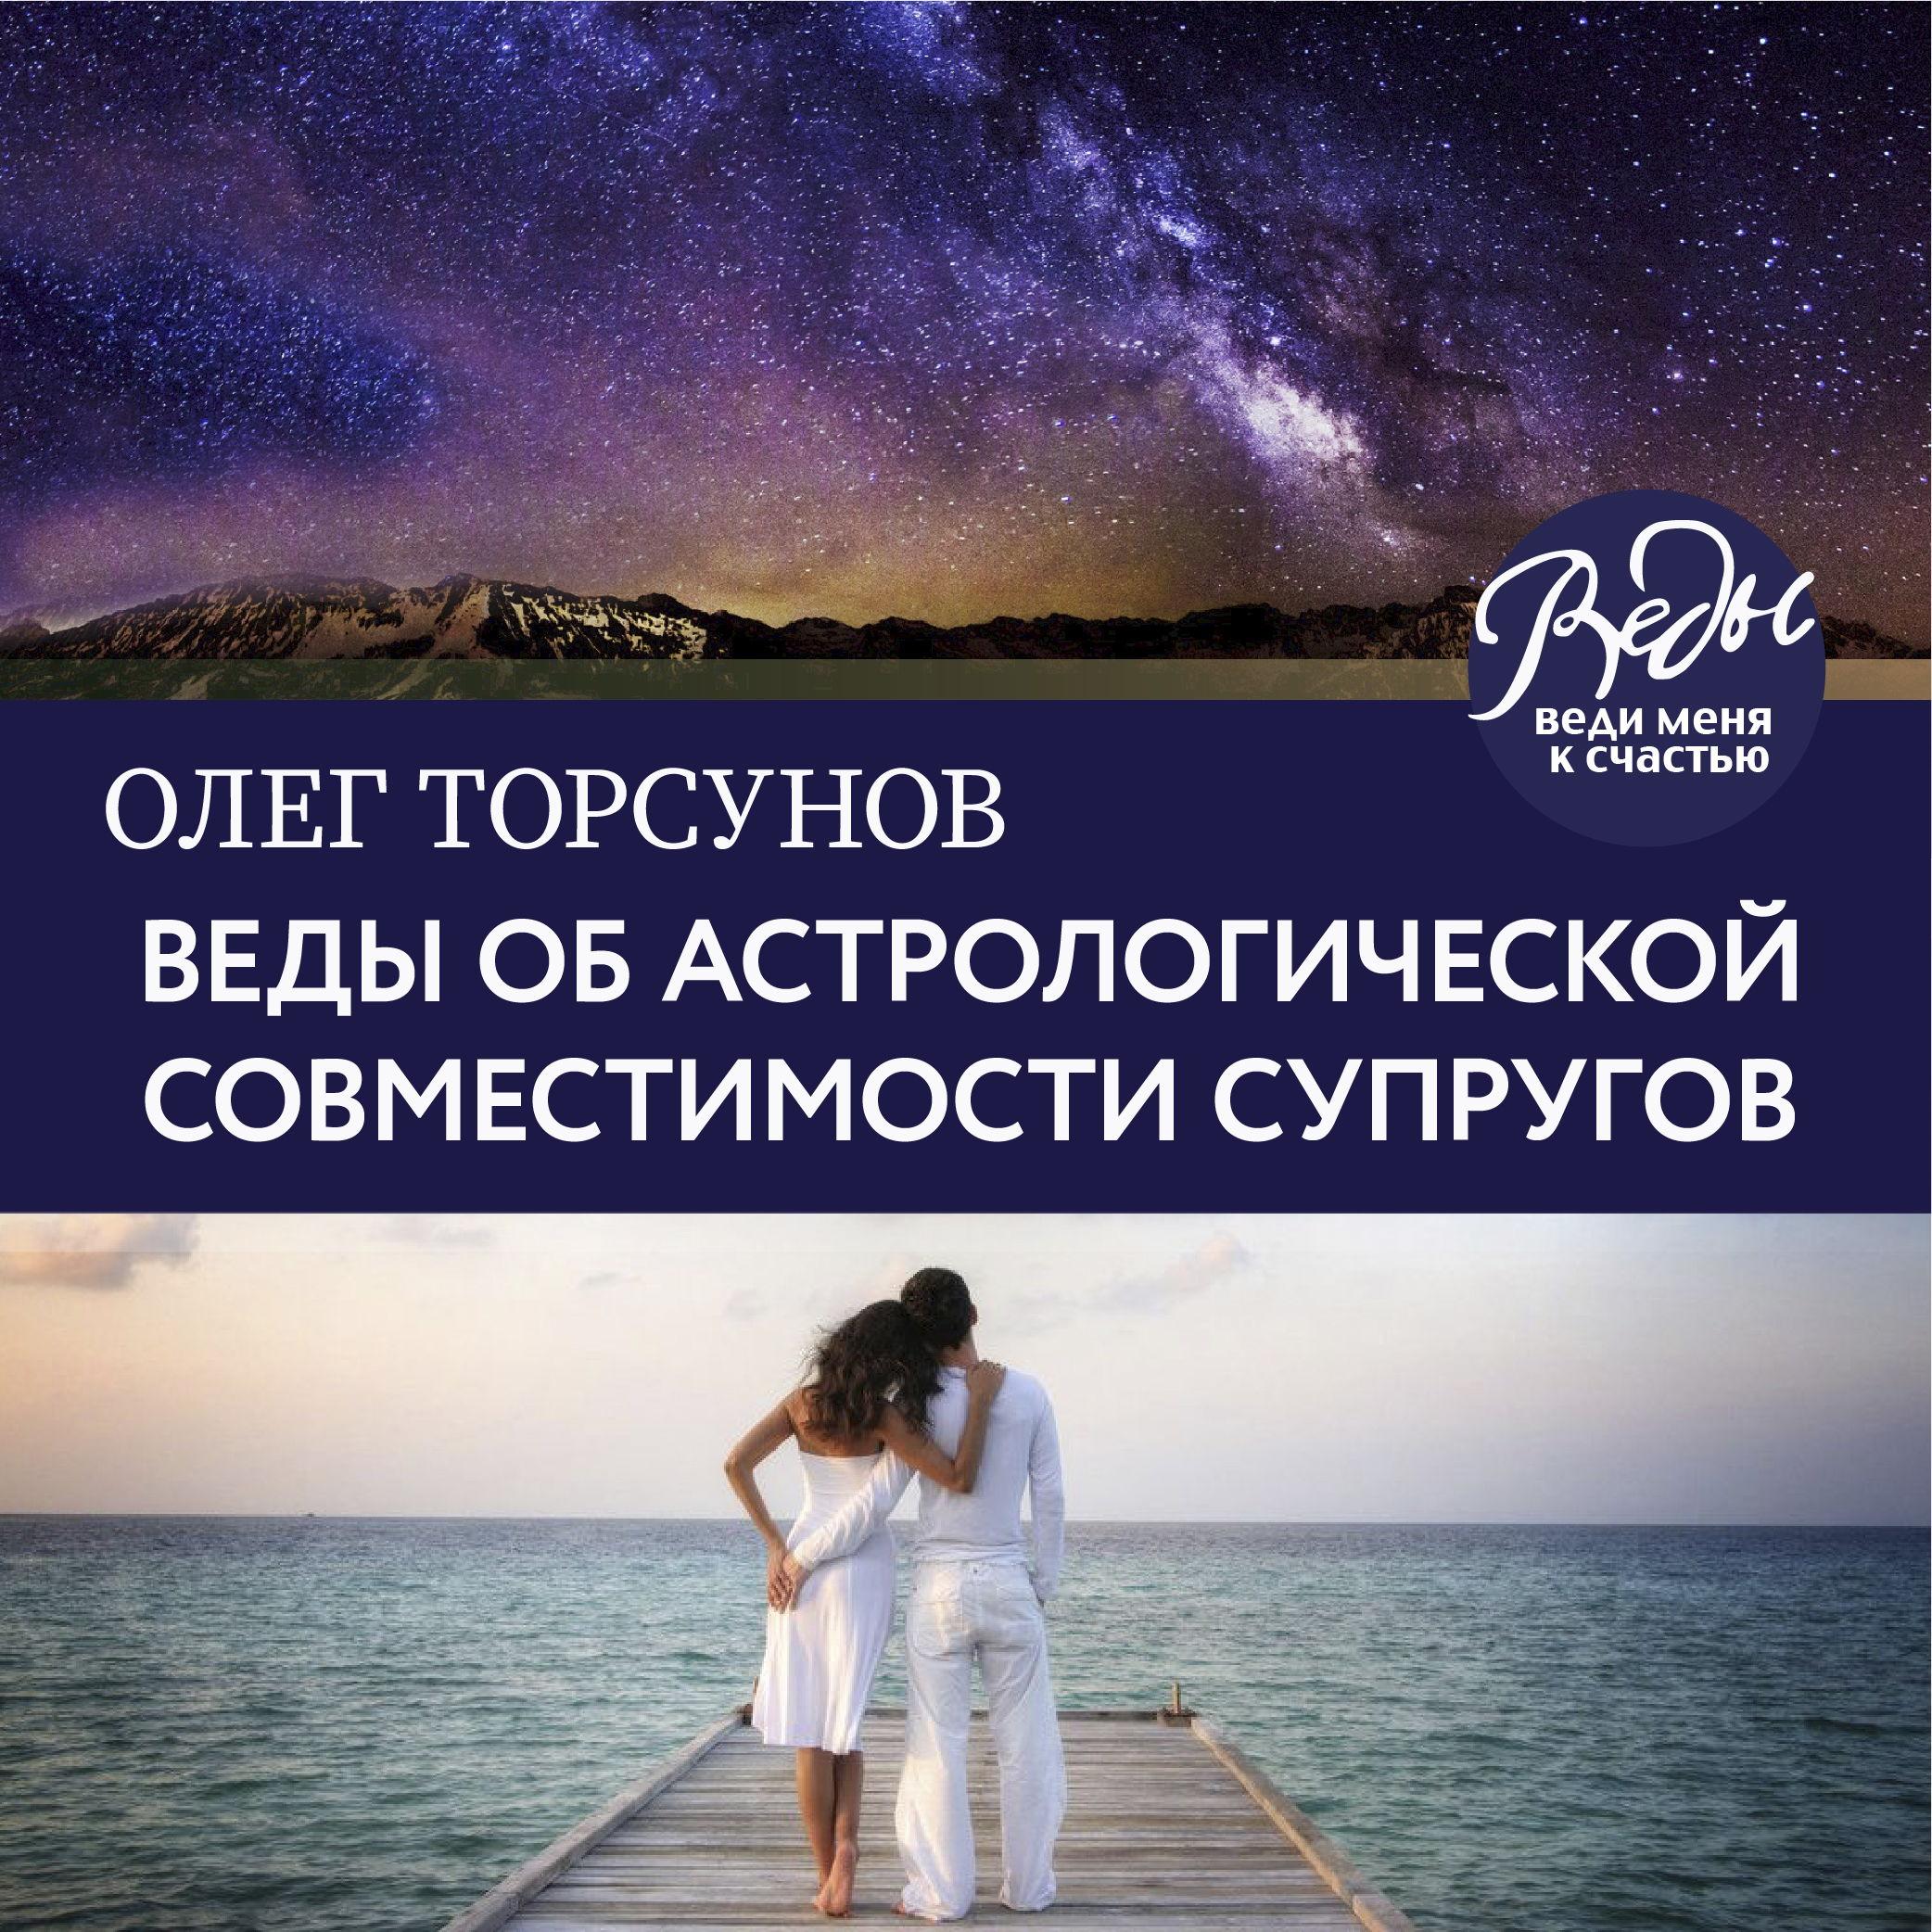 Купить книгу Веды об астрологической совместимости супругов. Брак. Характер. Судьба, автора Олега Торсунова